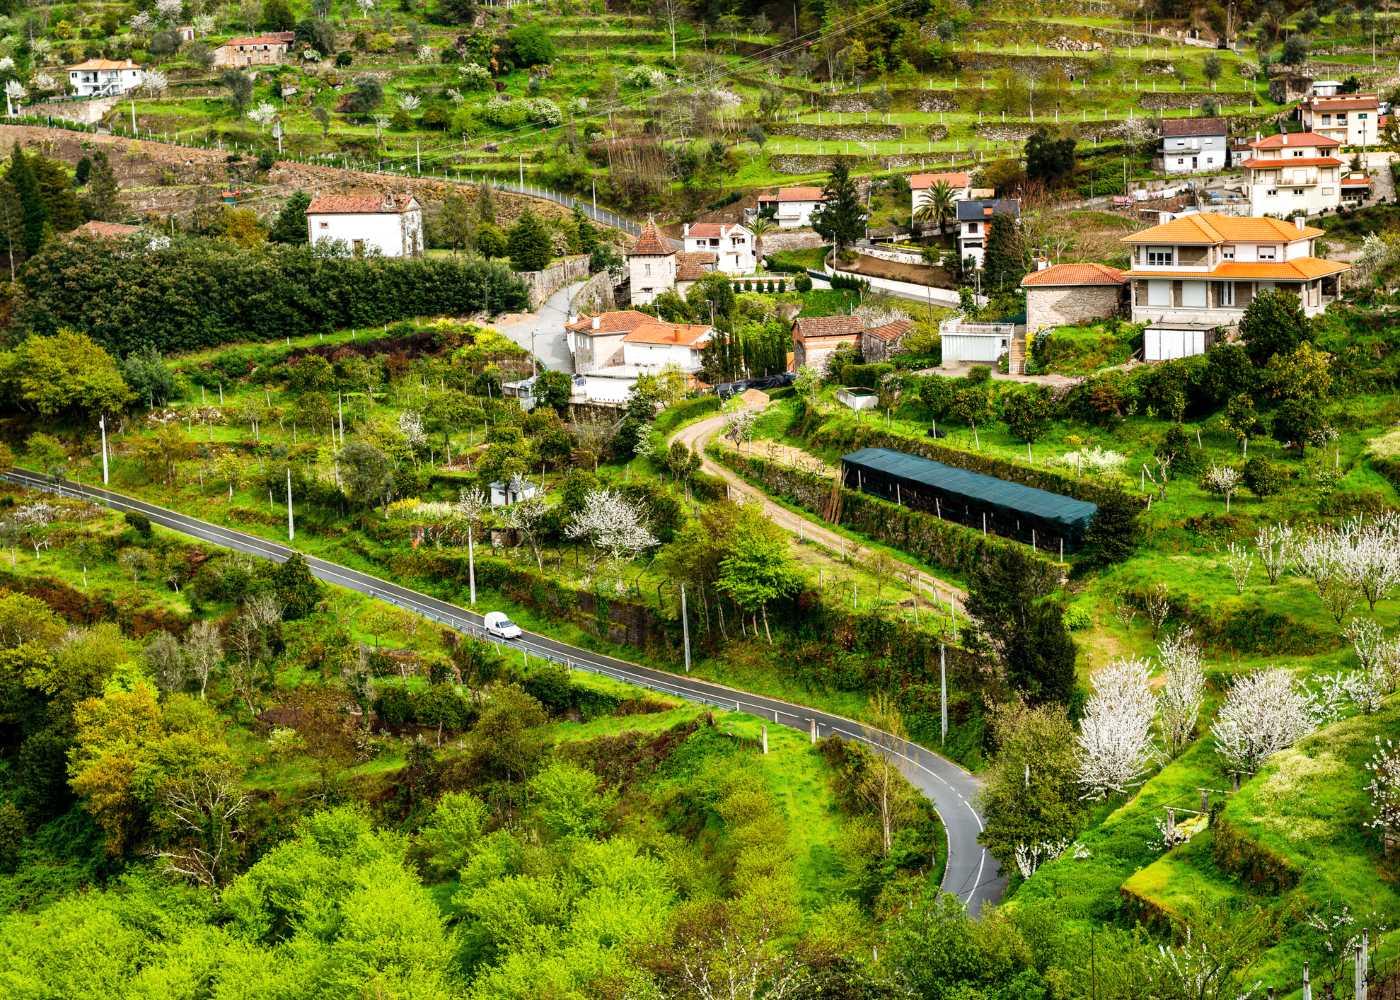 Estrada Nacional 222 Cinfães do Douro